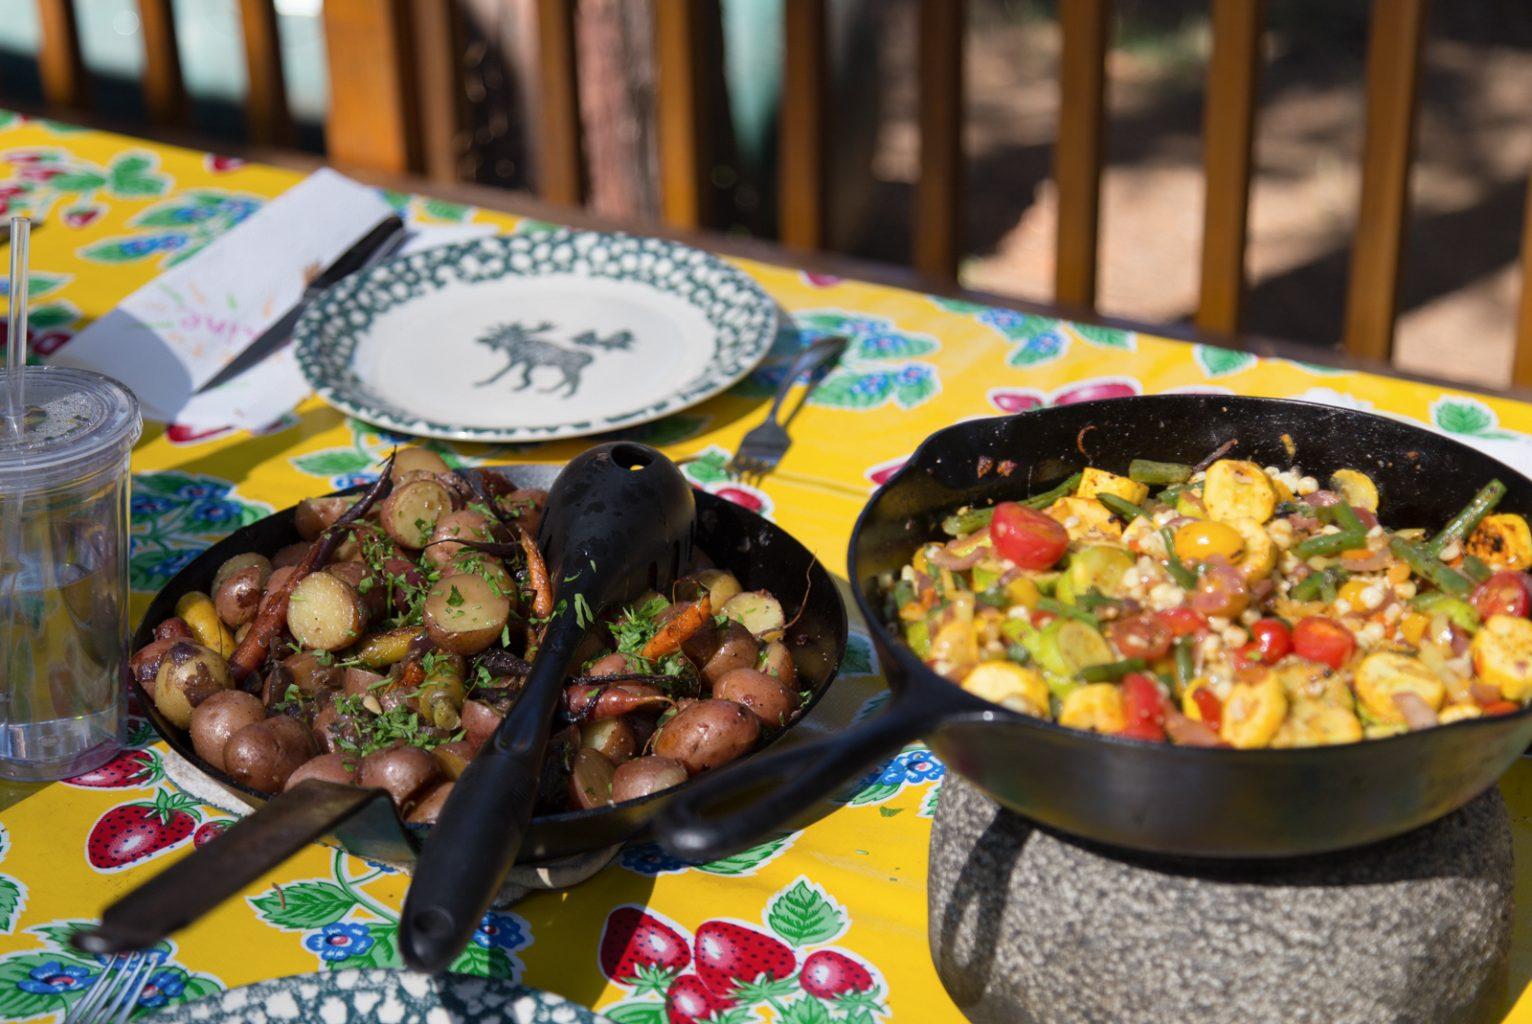 Potatoes and breakfast hash